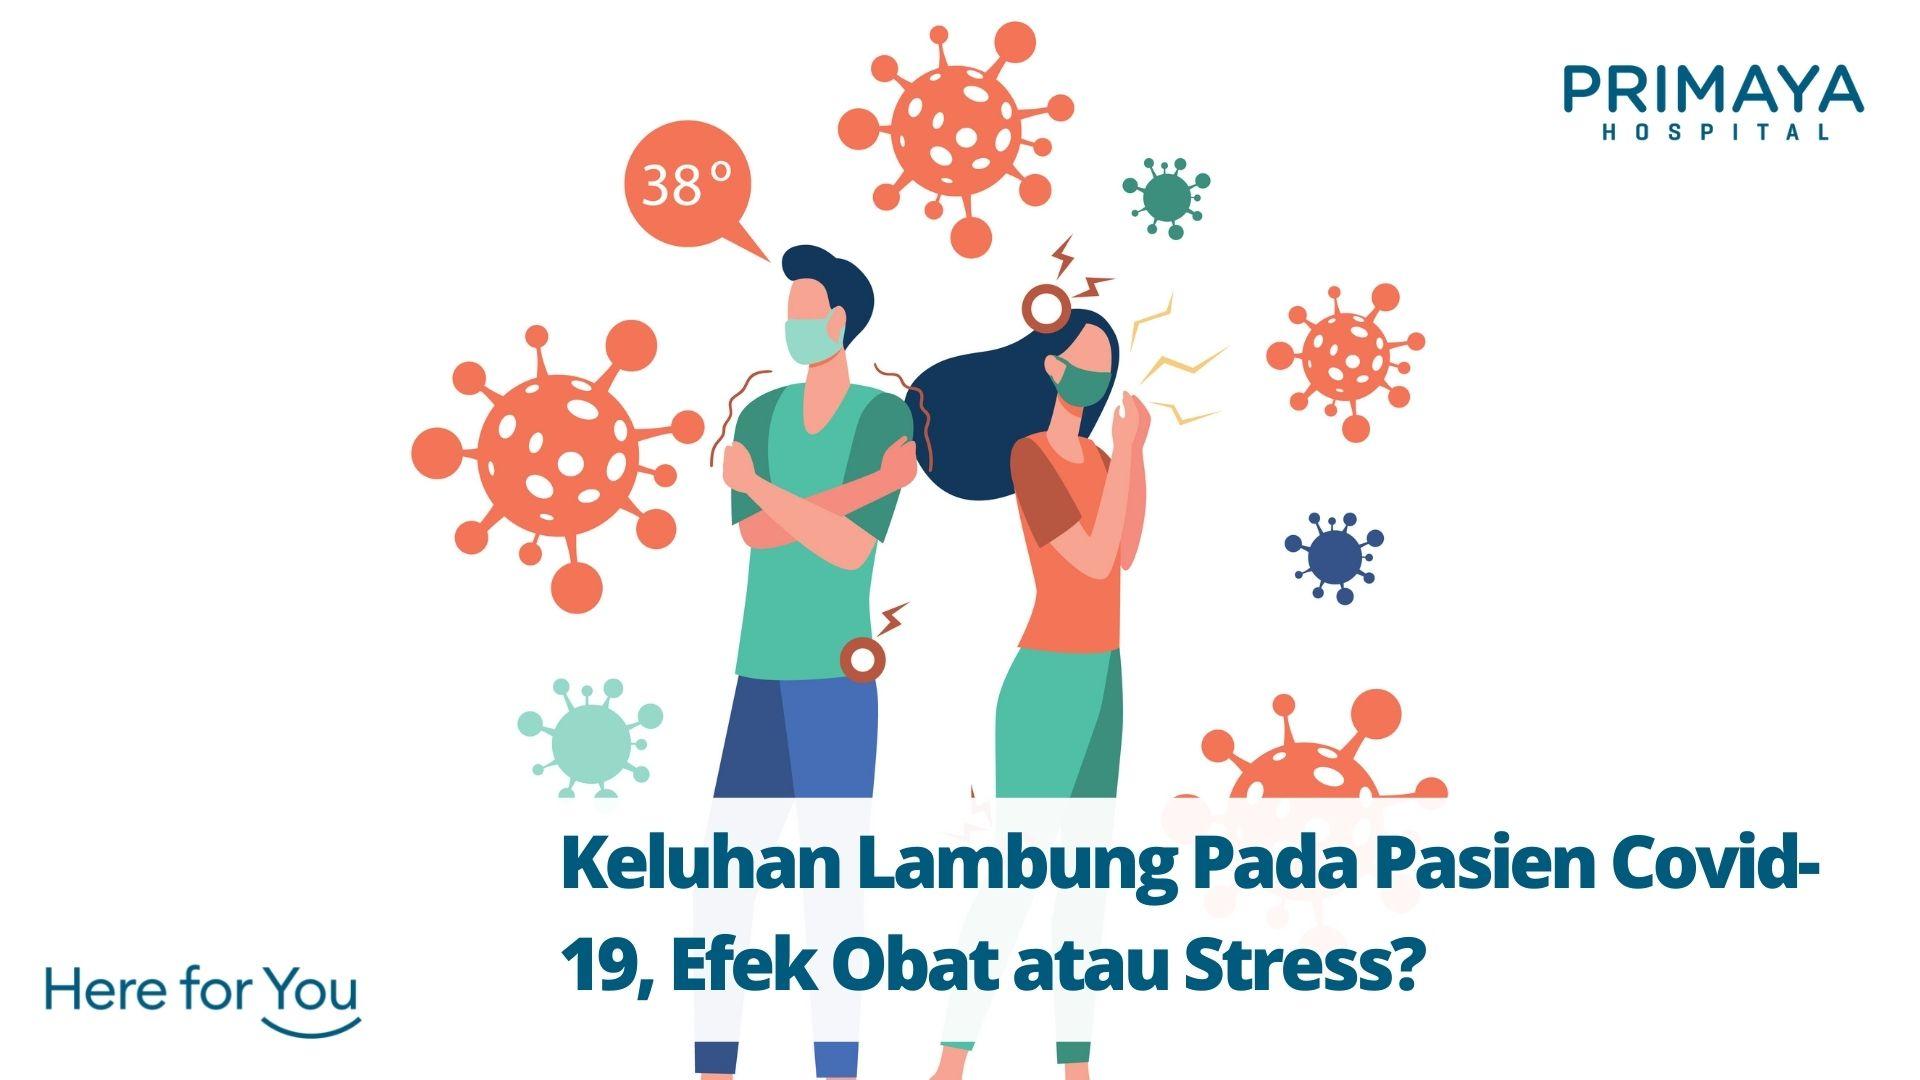 Keluhan Lambung Pada Pasien Covid-19, Efek Obat atau Stress?